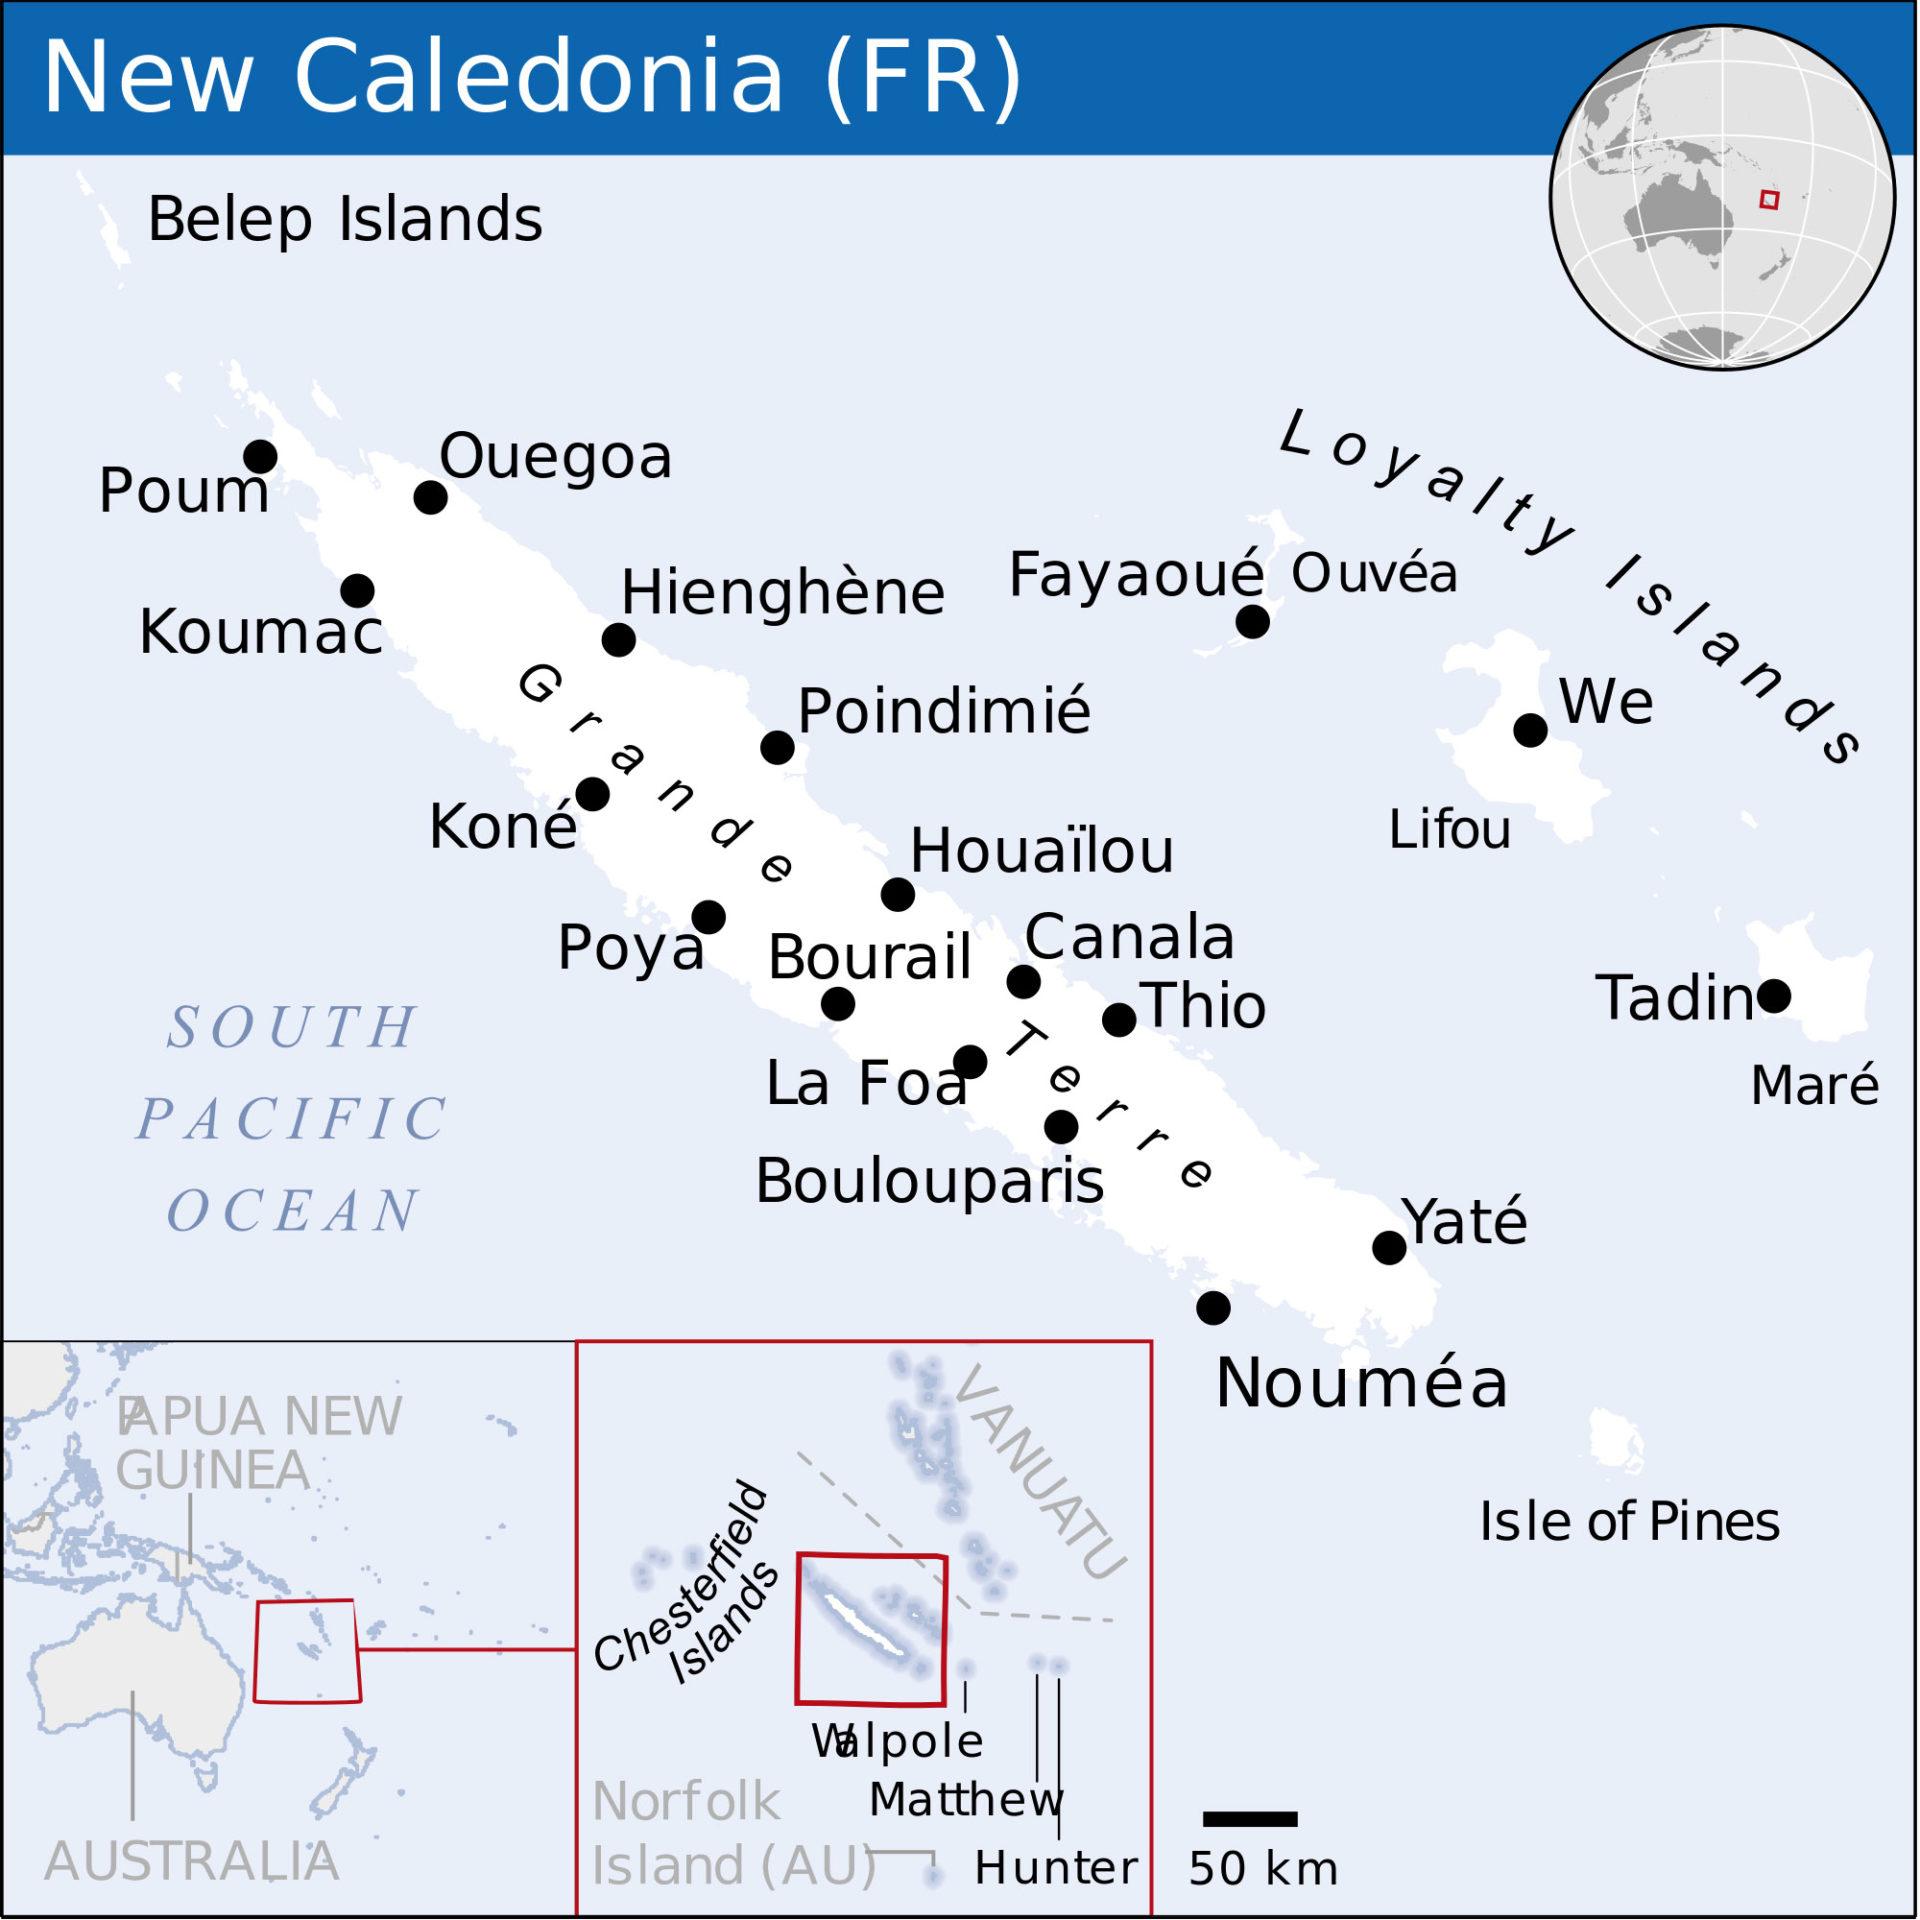 Pourquoi avoir institué deux collèges en Nouvelle Calédonie ?